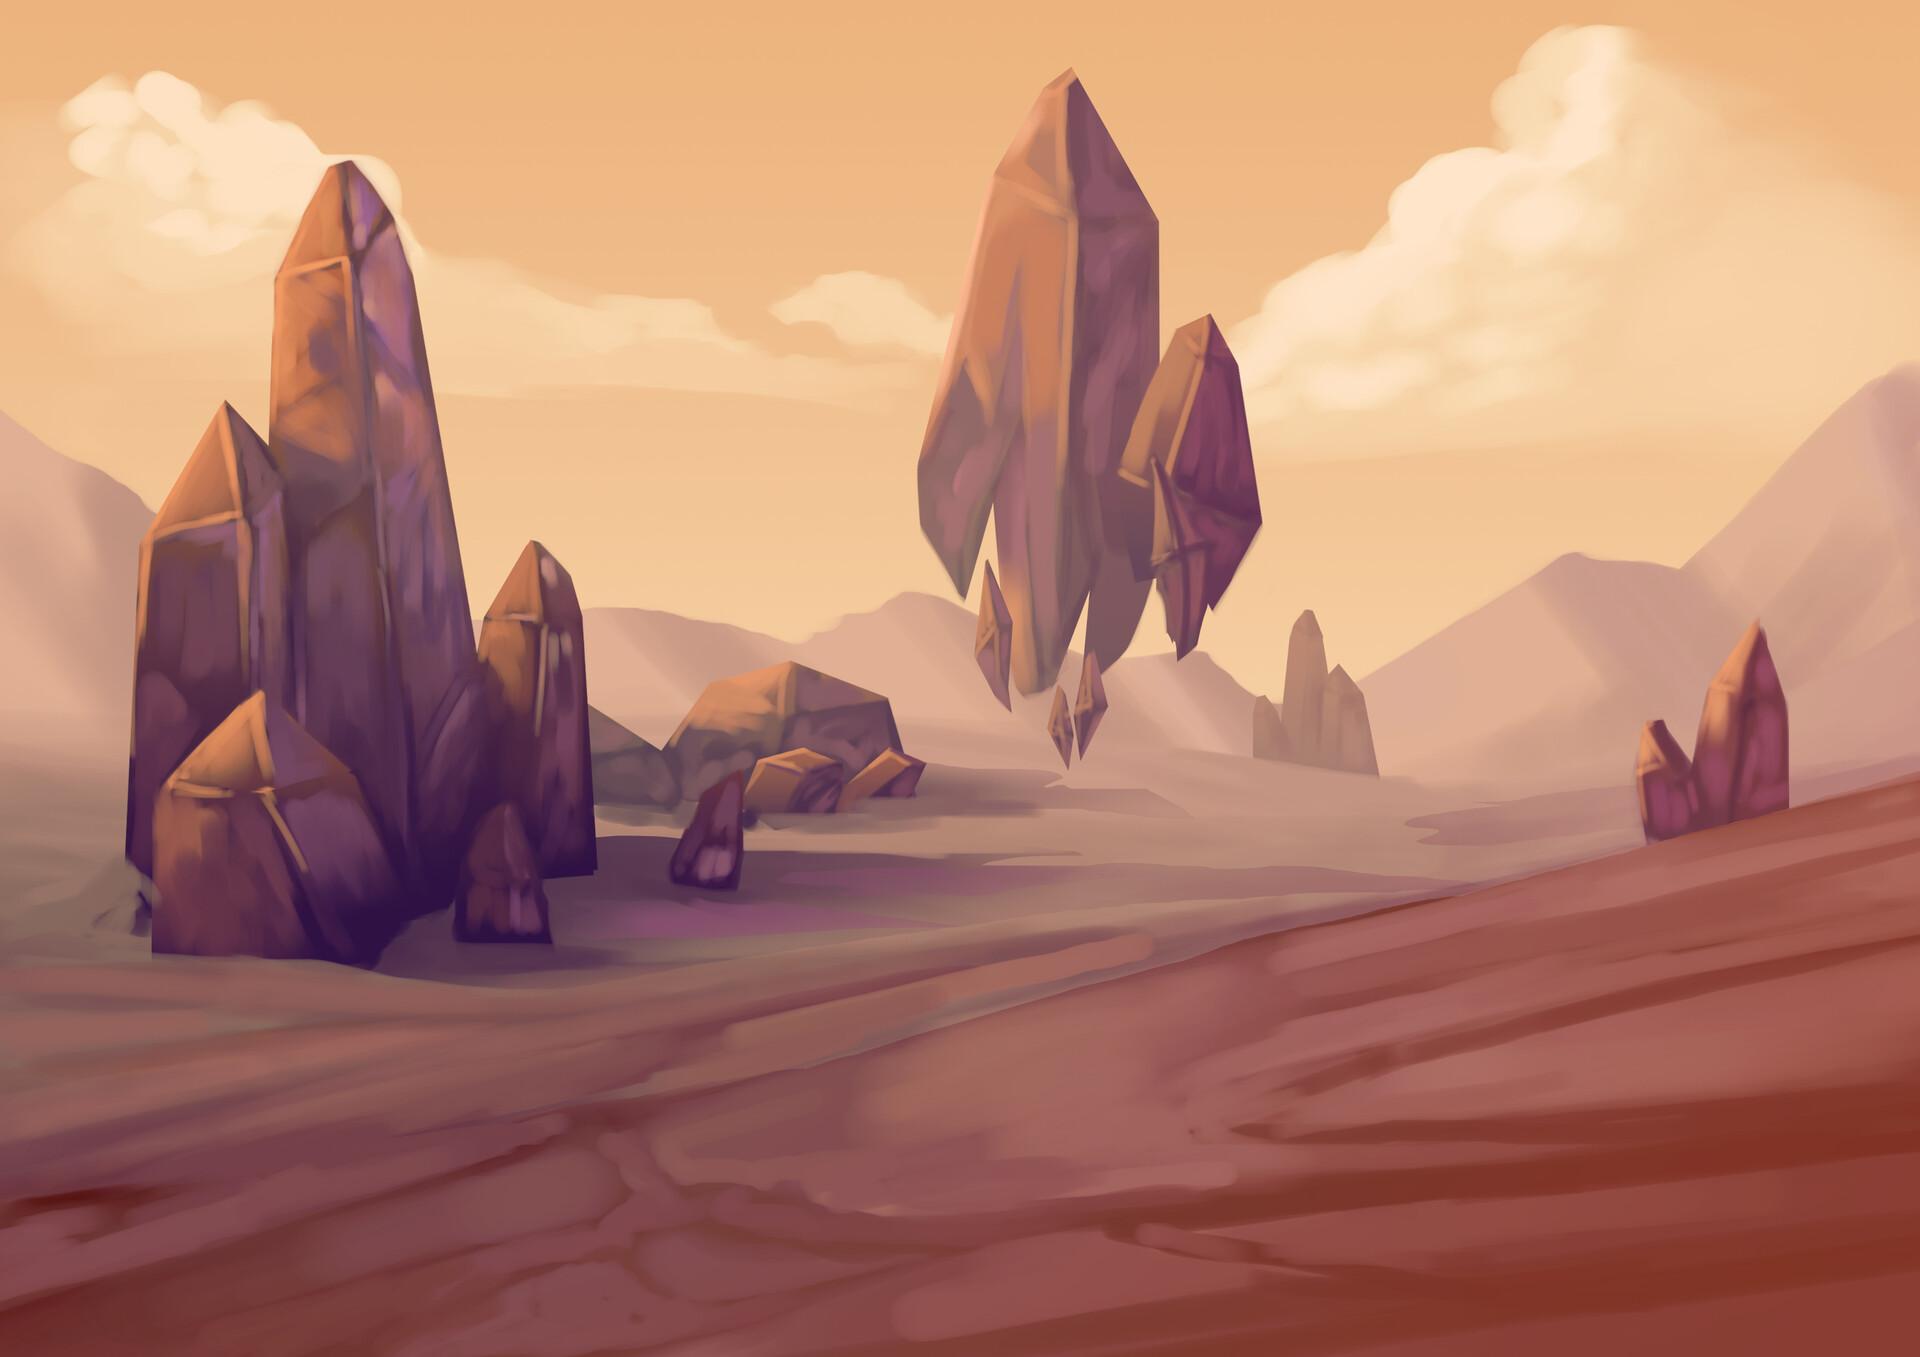 E mali ware landscape2